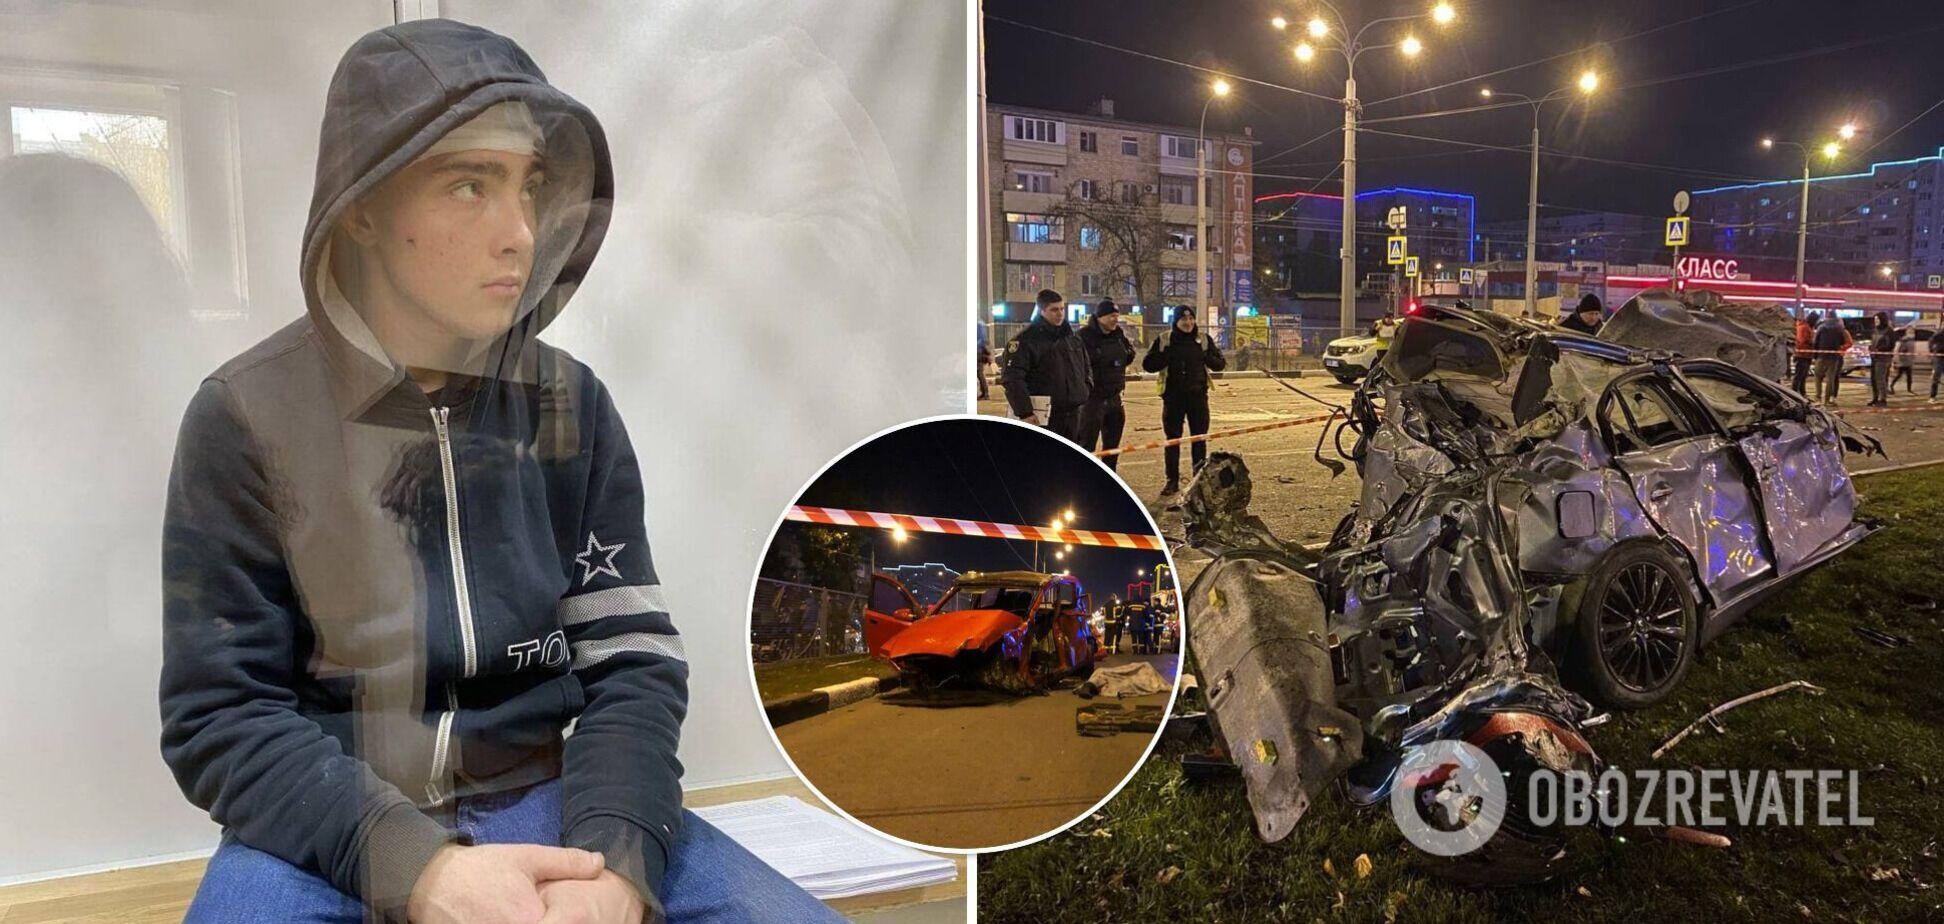 Суд избрал меру пресечения подростку, устроившему смертельное ДТП в Харькове. Все подробности